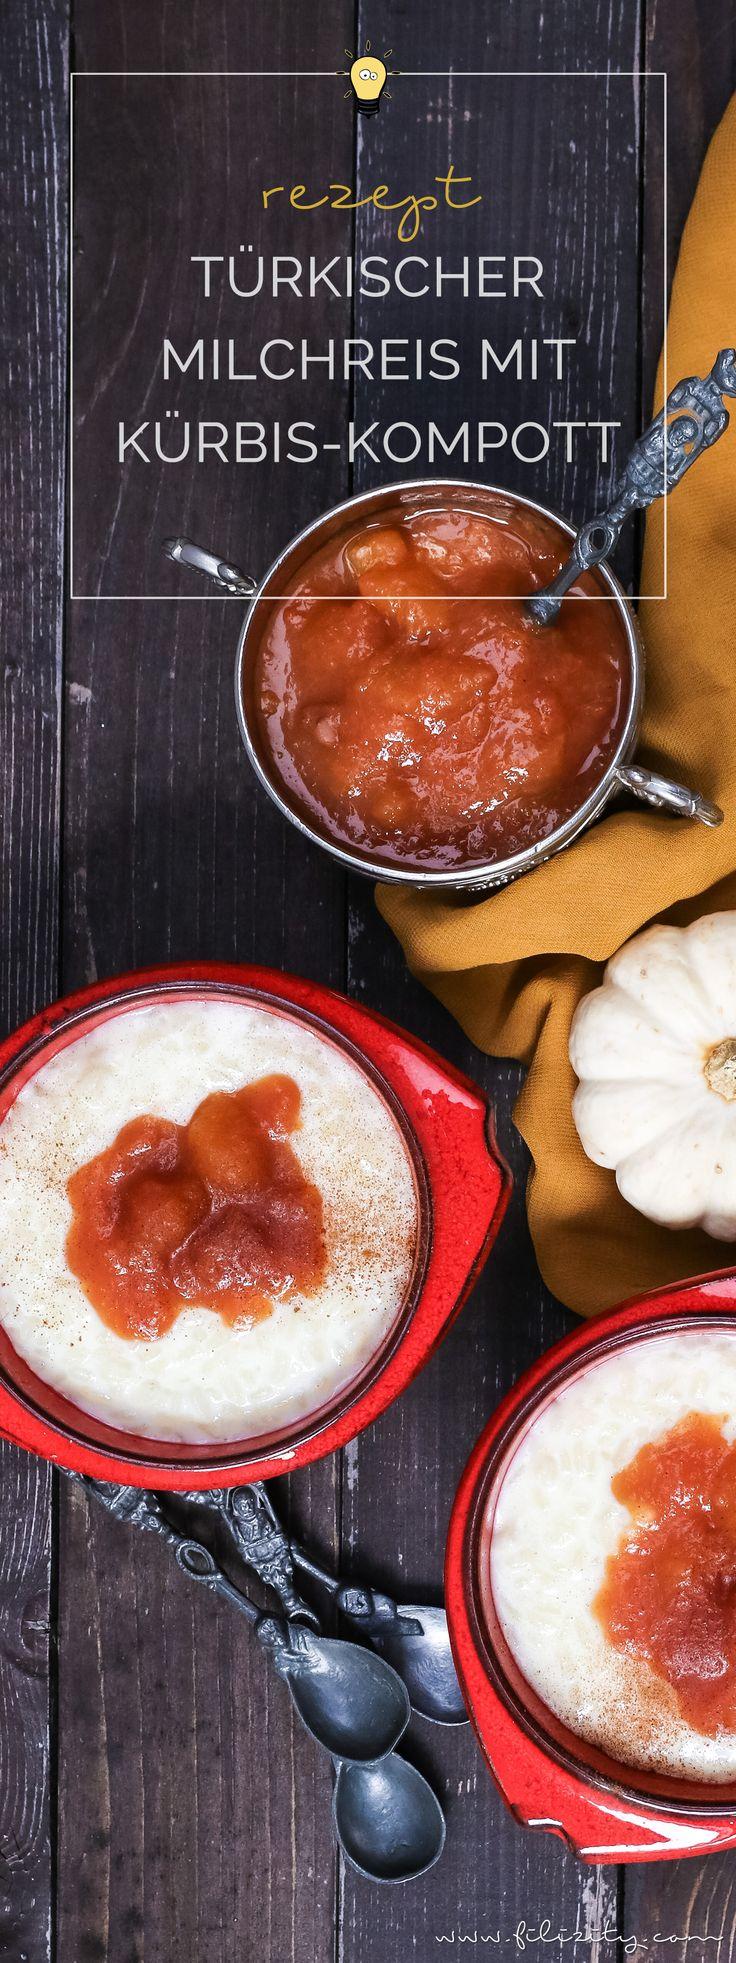 Herbst-Rezept: Türkischer Milchreis (Sütlac) mit Kürbis-Pflaumen-Kompott    Filizity.com   Food-Blog aus dem Rheinland #kürbis #herbst #dessert